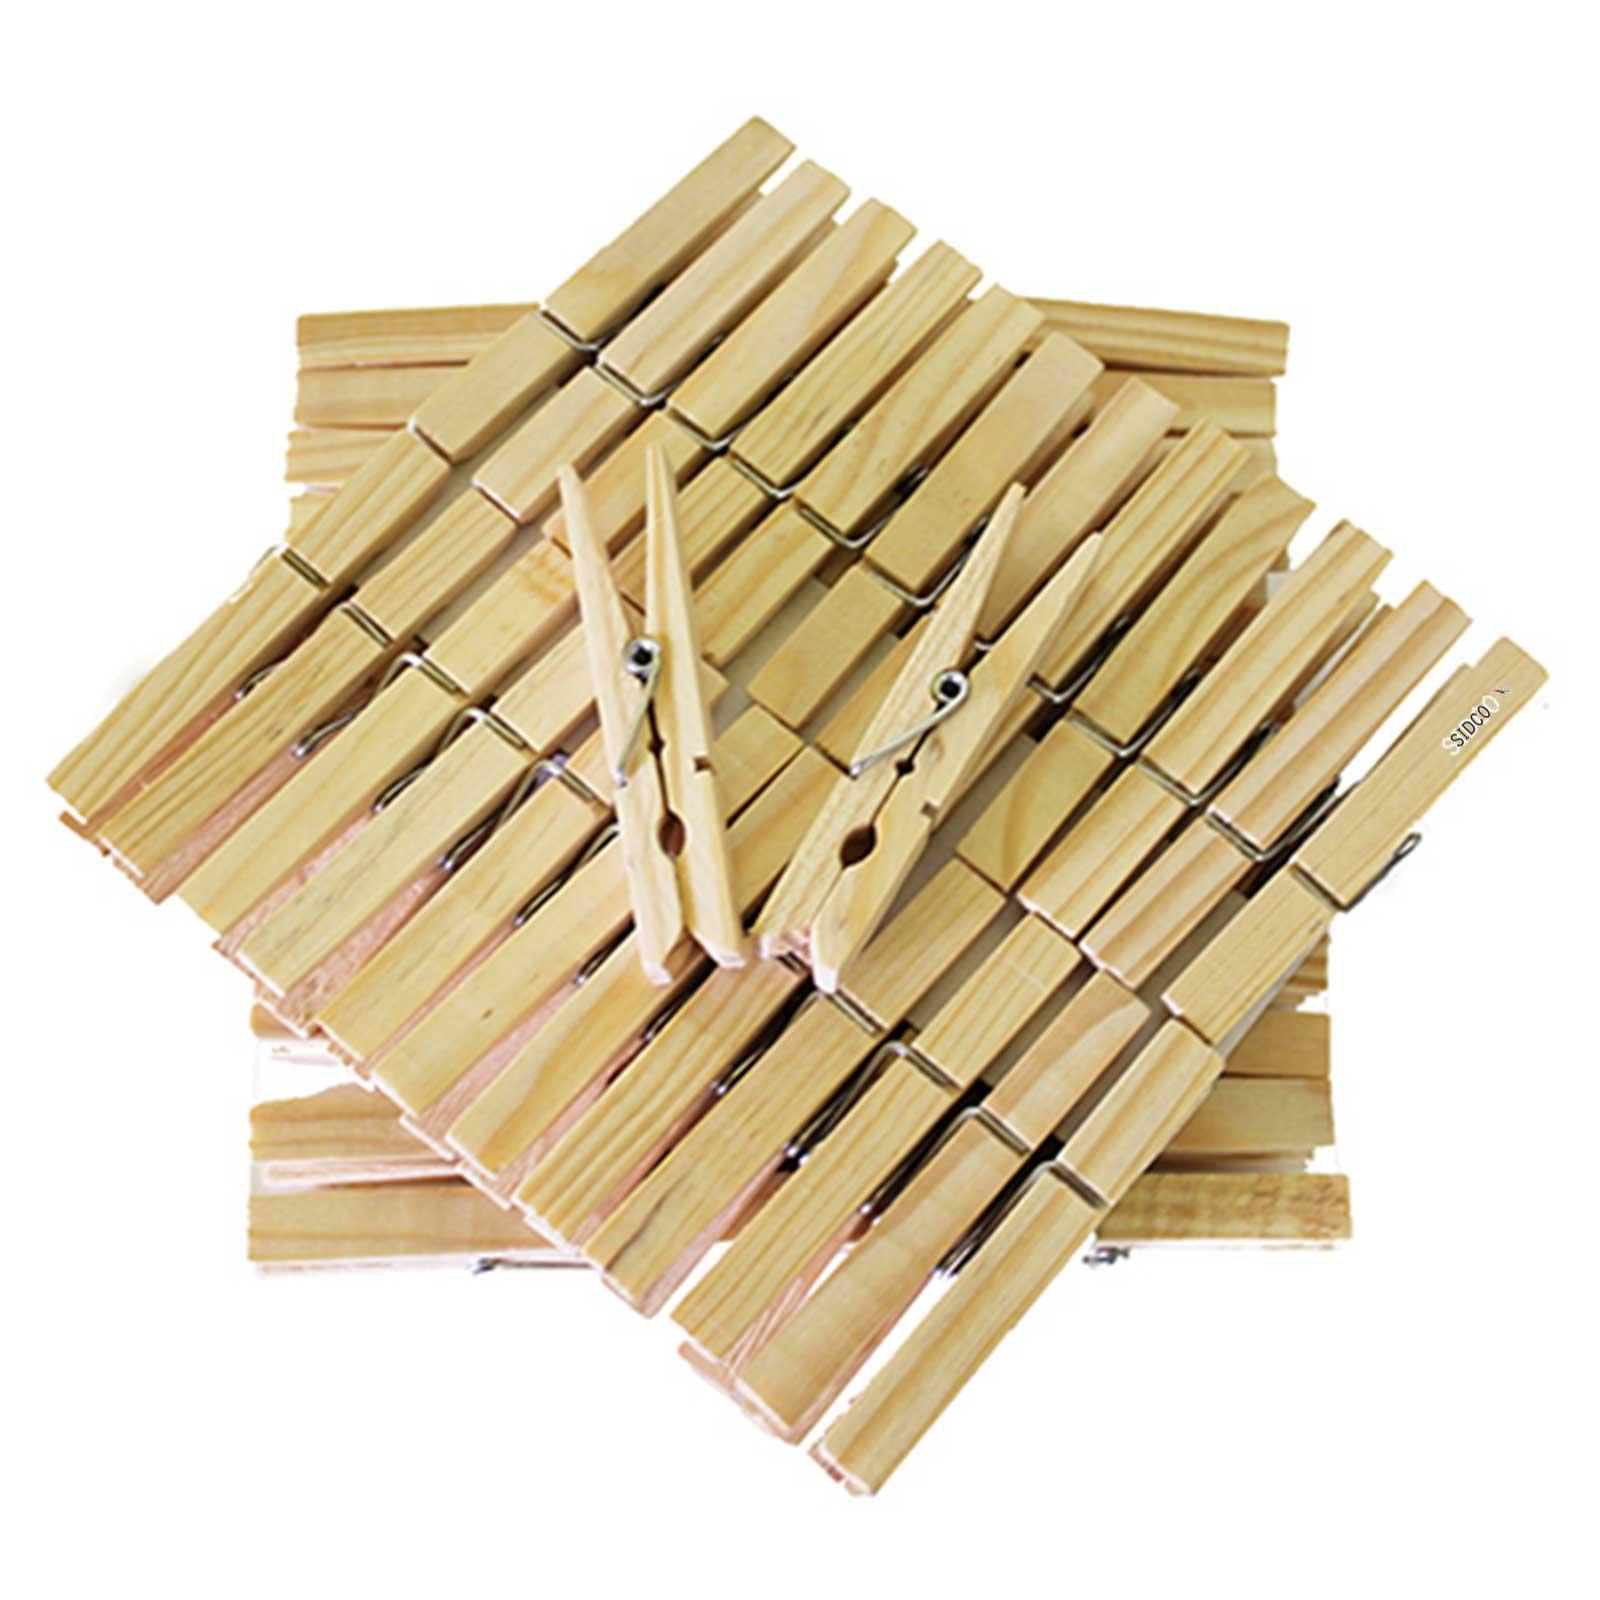 der liegestuhl aus holz von unopiu ahnelt einer welle - boisholz, Moderne